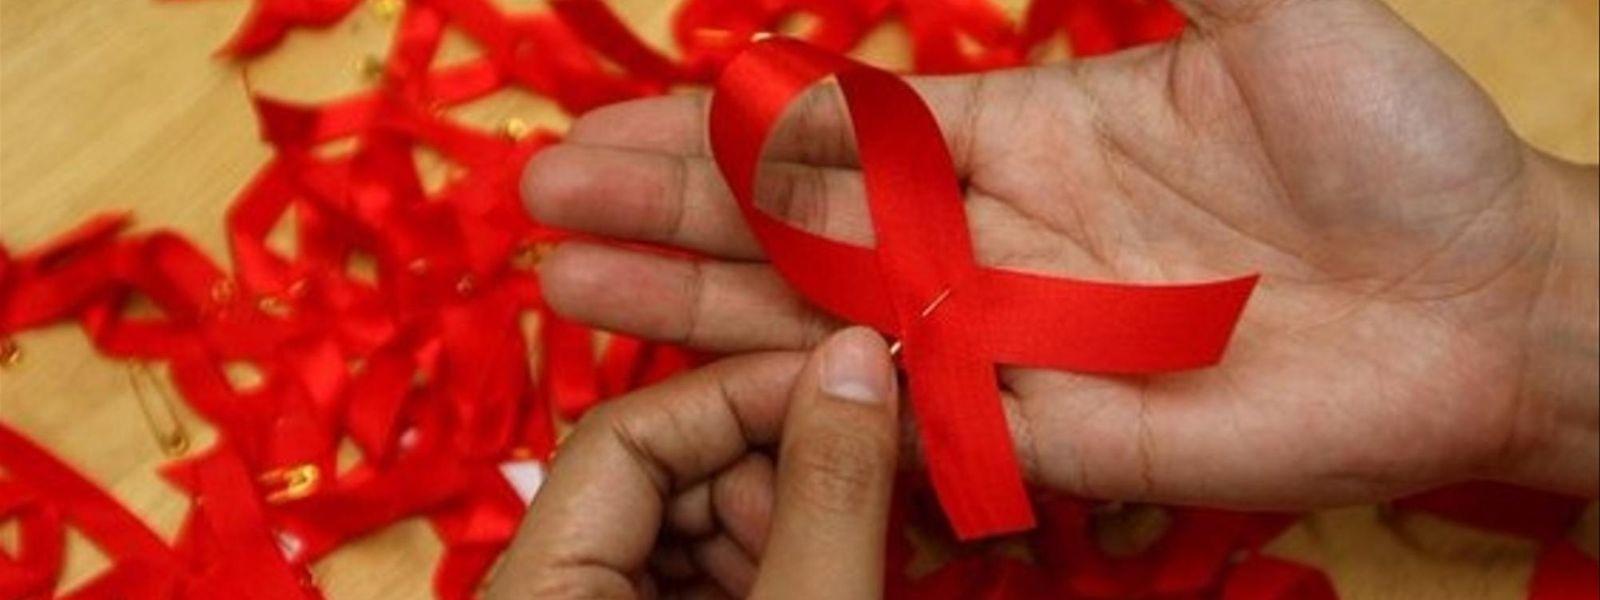 Si le nombre des victimes a baissé de plus de 60% depuis 2004, la maladie a tout de même tué 690.000 personnes à travers le monde, selon les données de l'ONU.